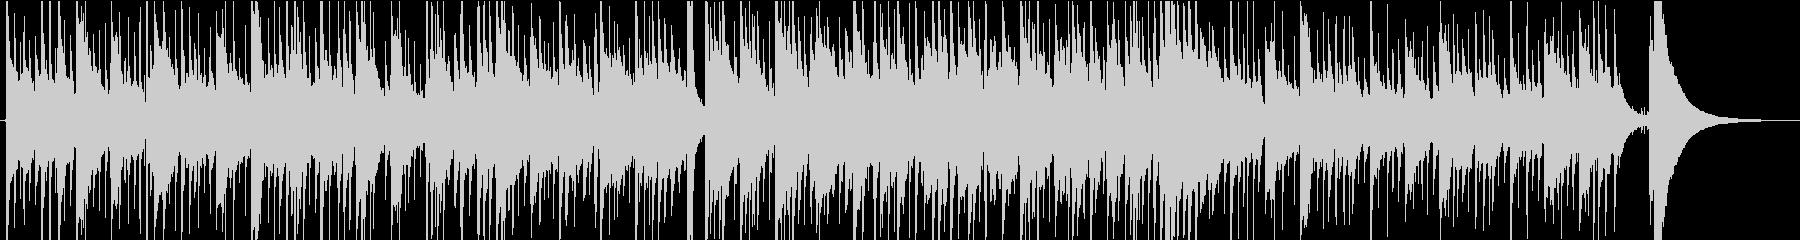 ピアノとギターの切ないノスタルジーBGMの未再生の波形